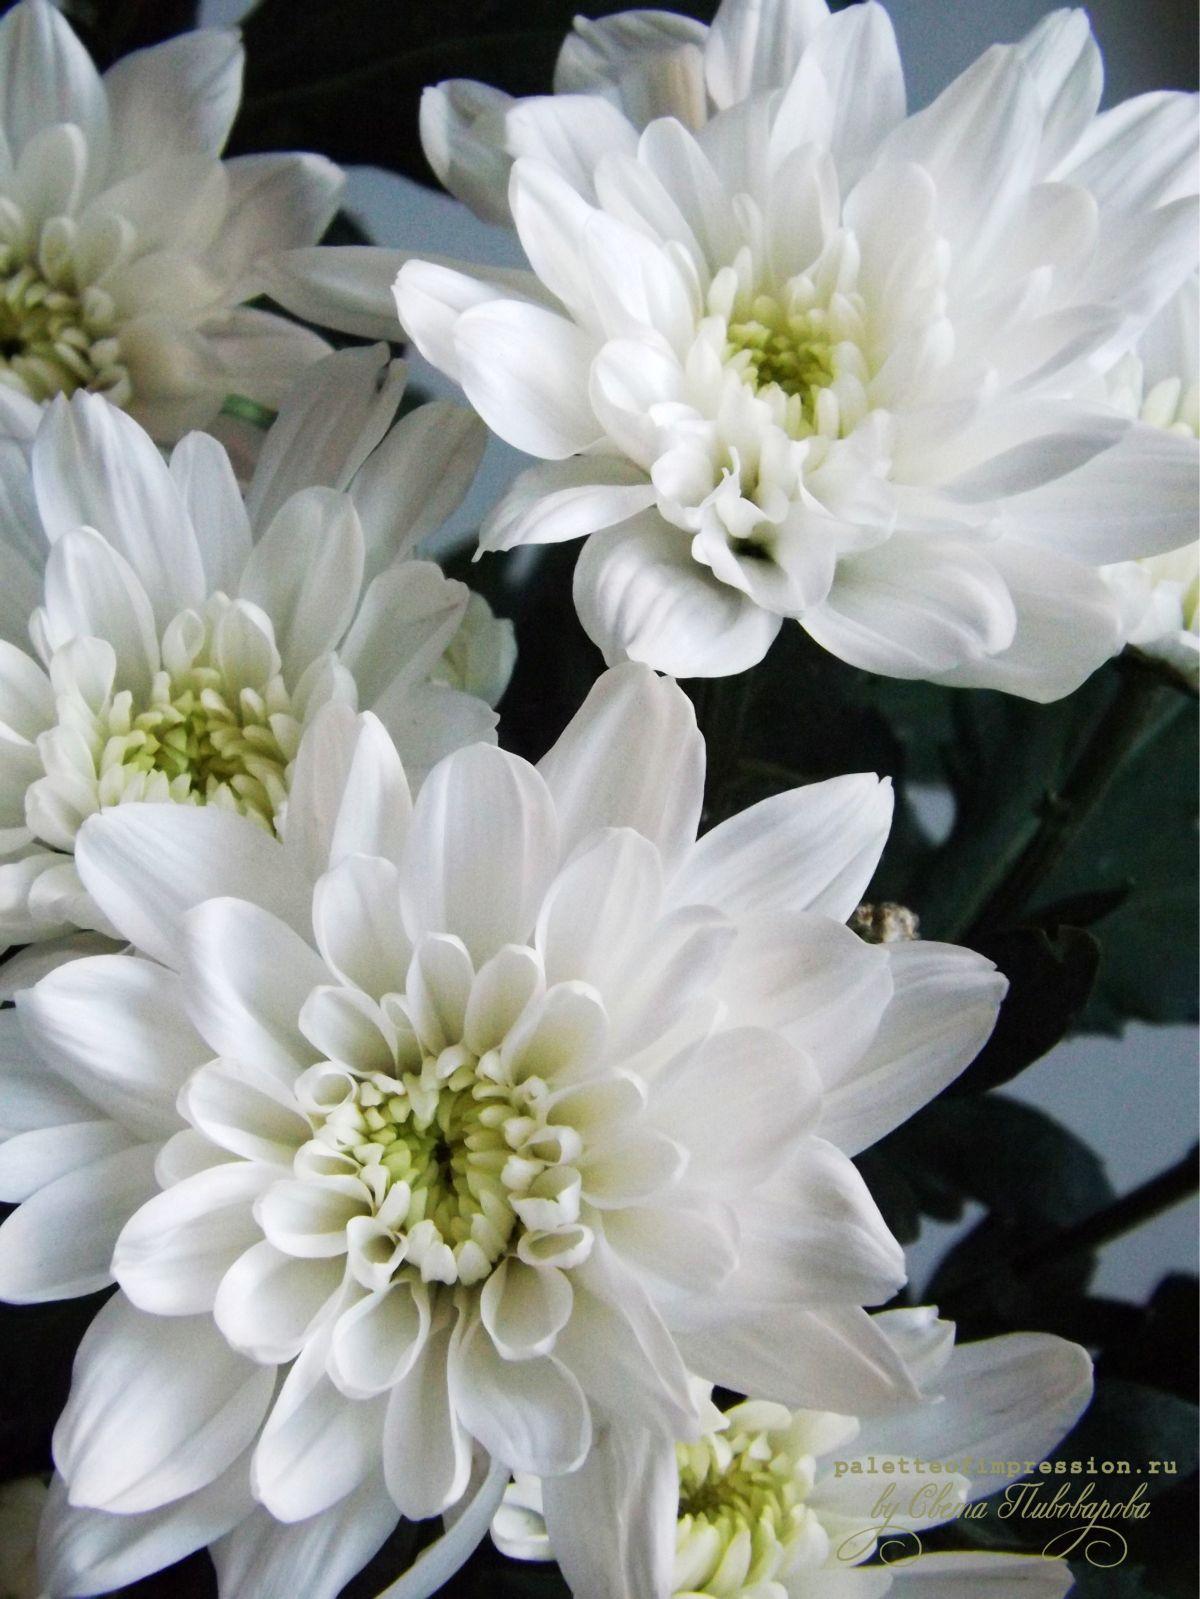 Белая хризантема. Язык цветов, белая хризантема - правда.